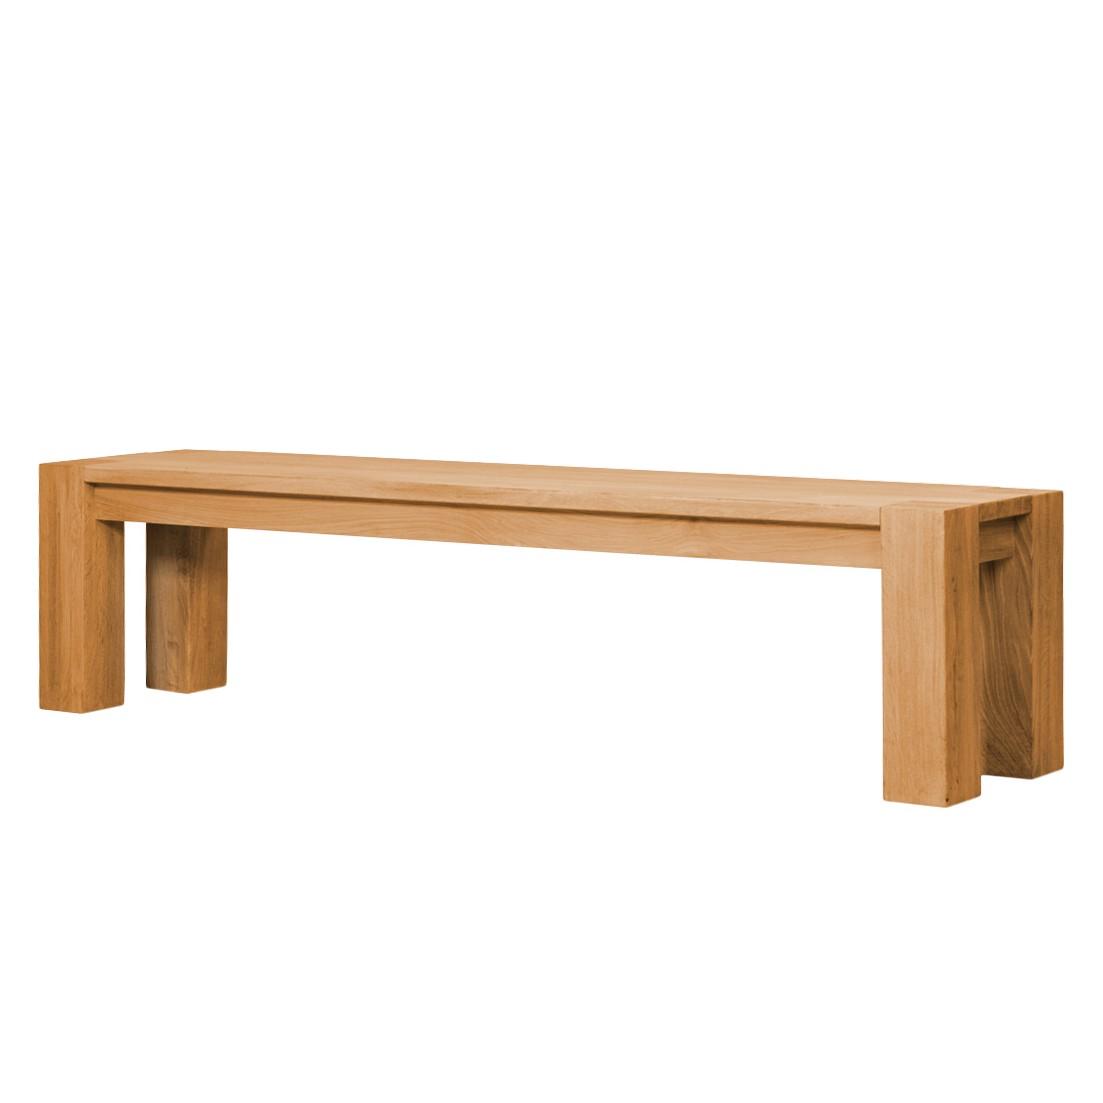 Sitzbank David - Eiche massiv - Eiche - 205 cm